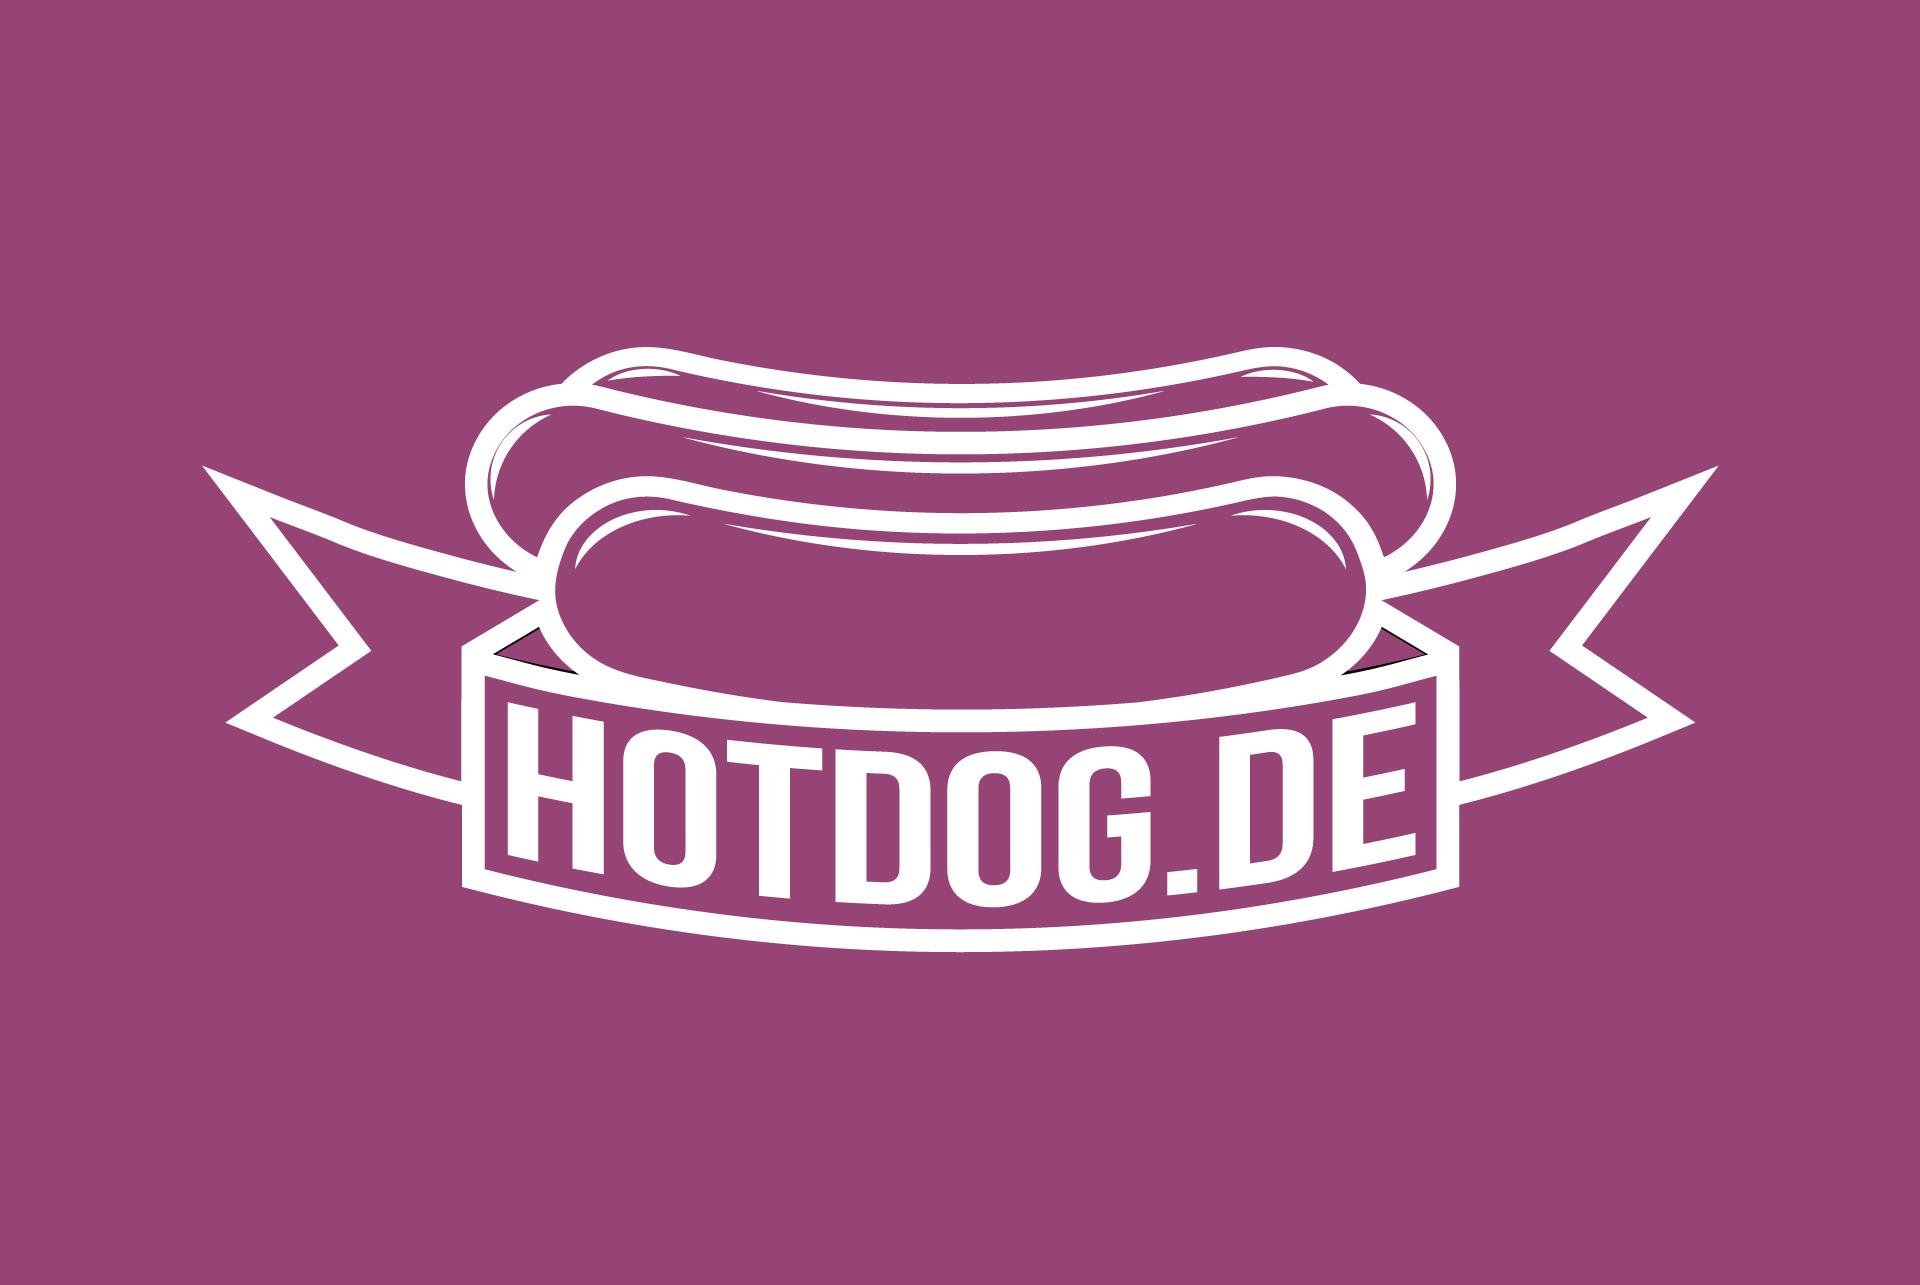 hotdog.de